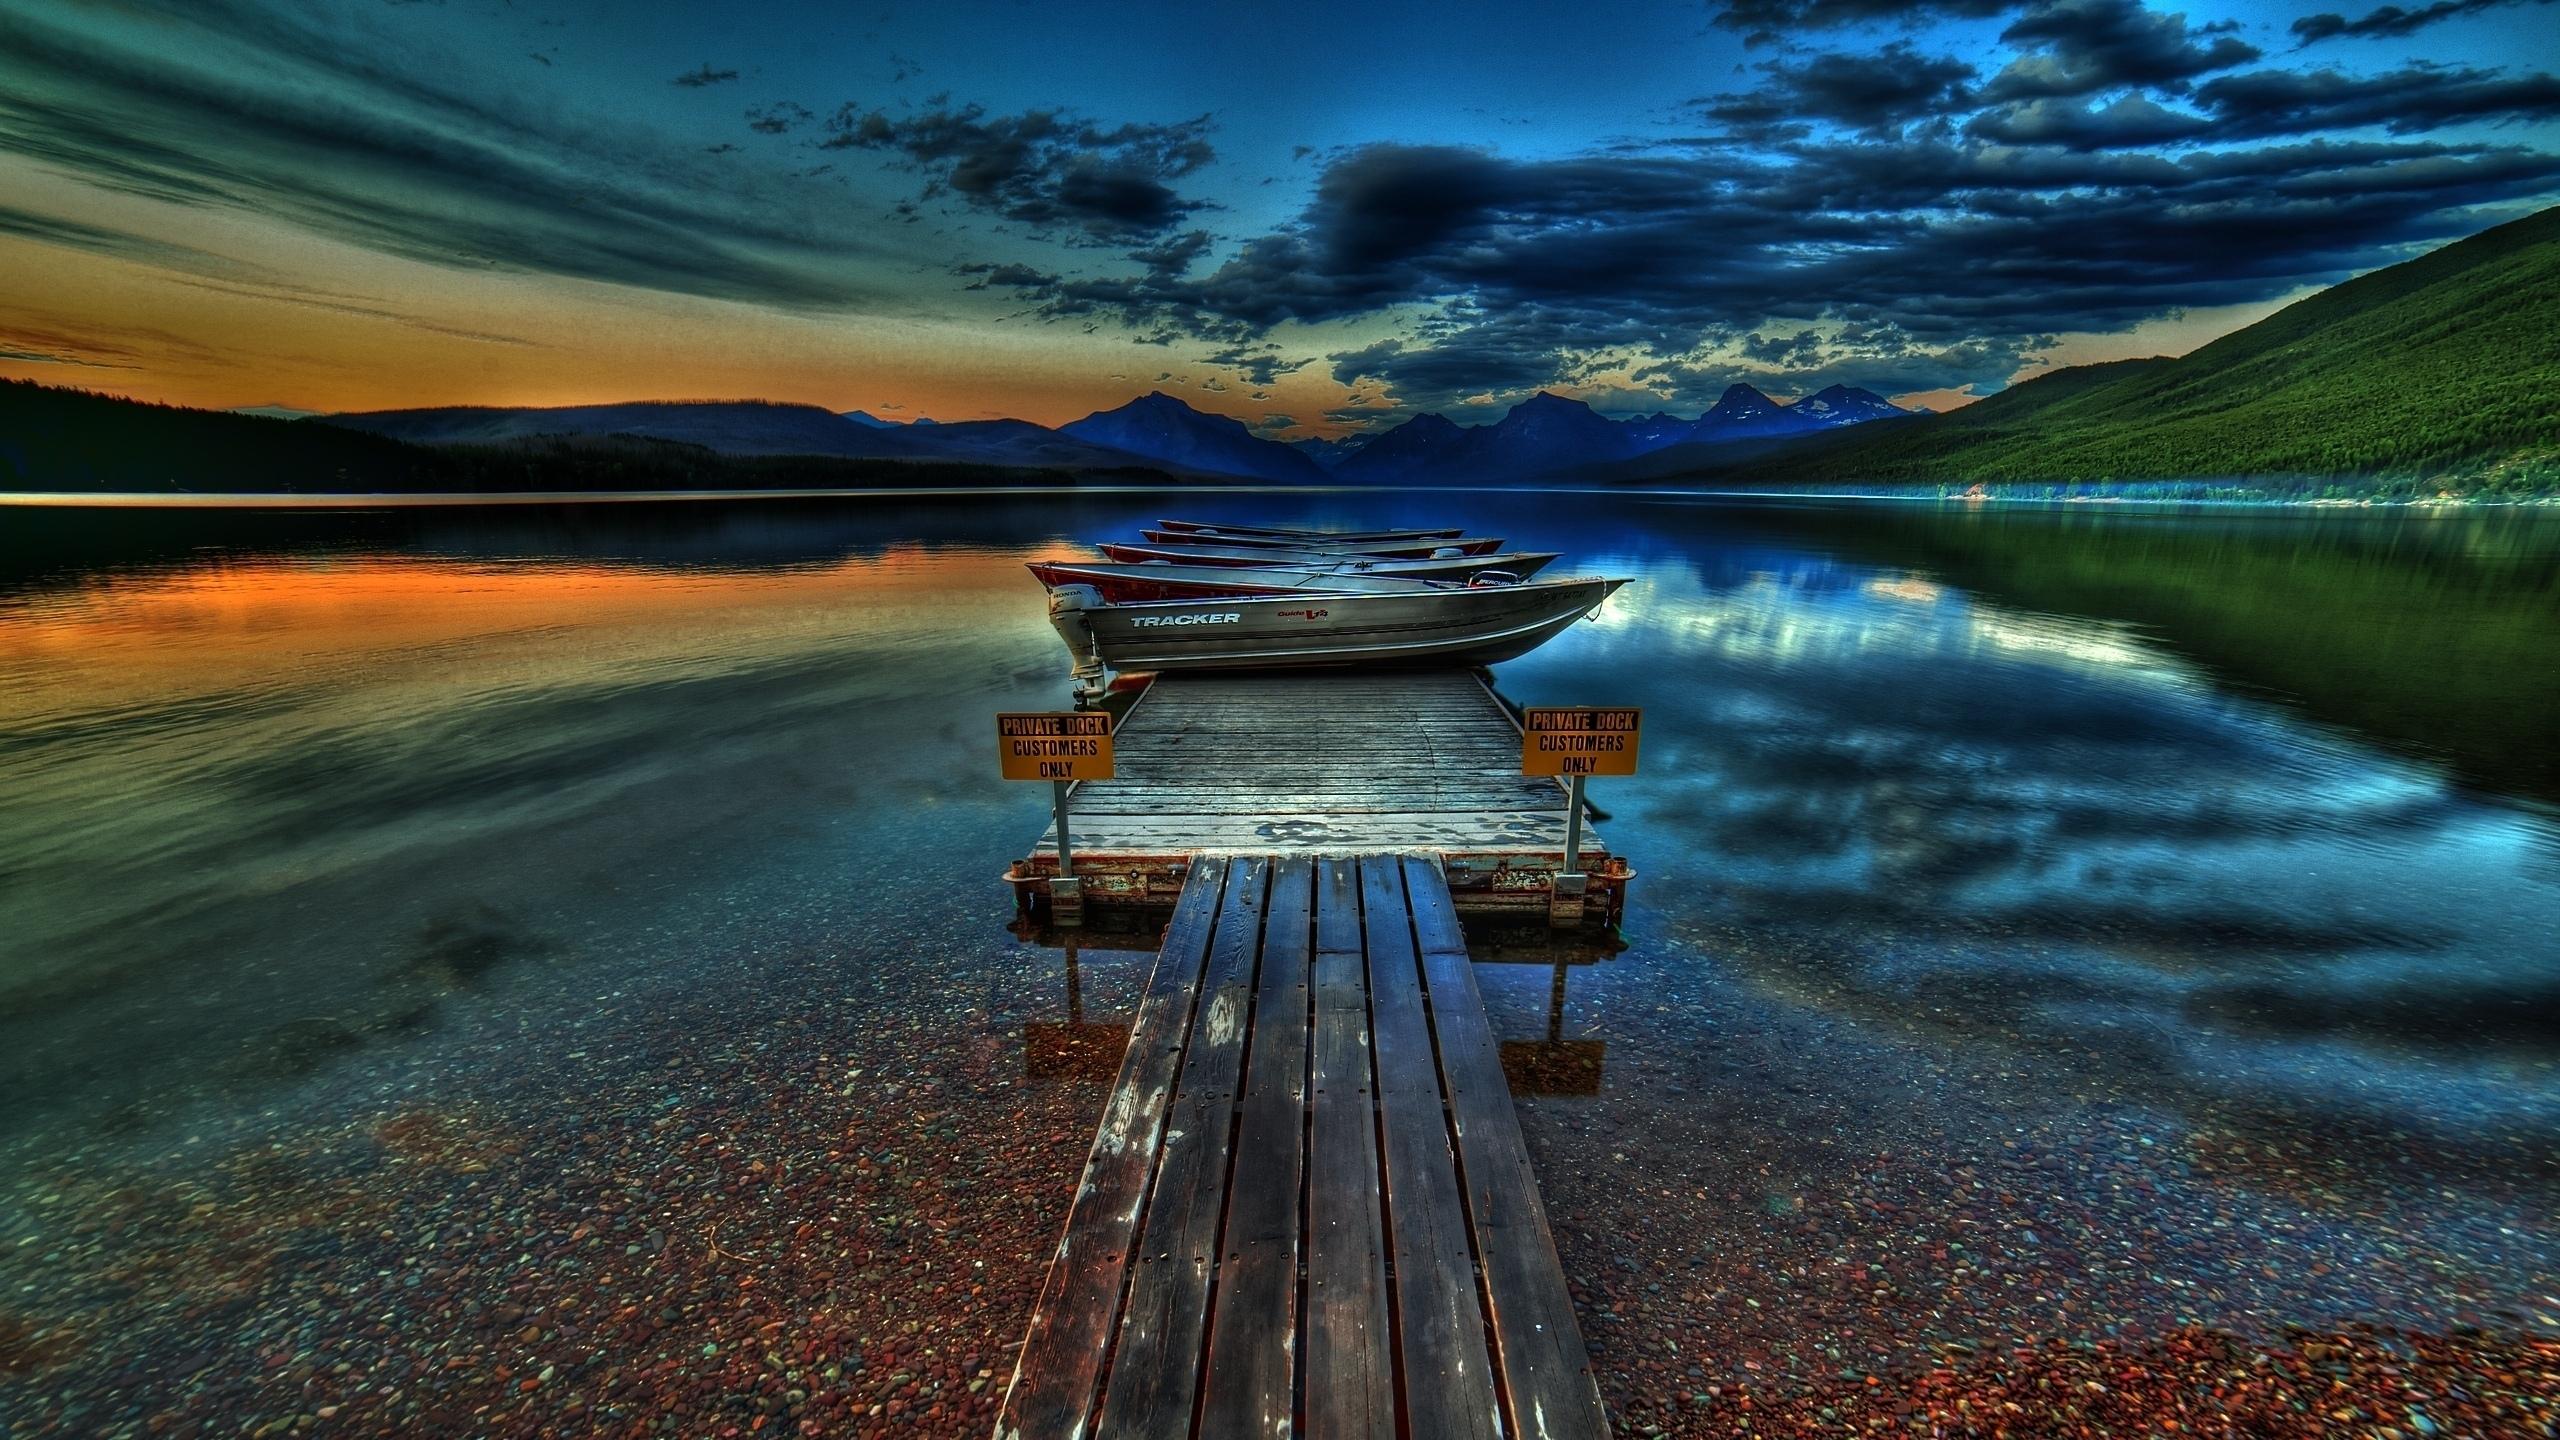 Причал озеро закат небо скачать